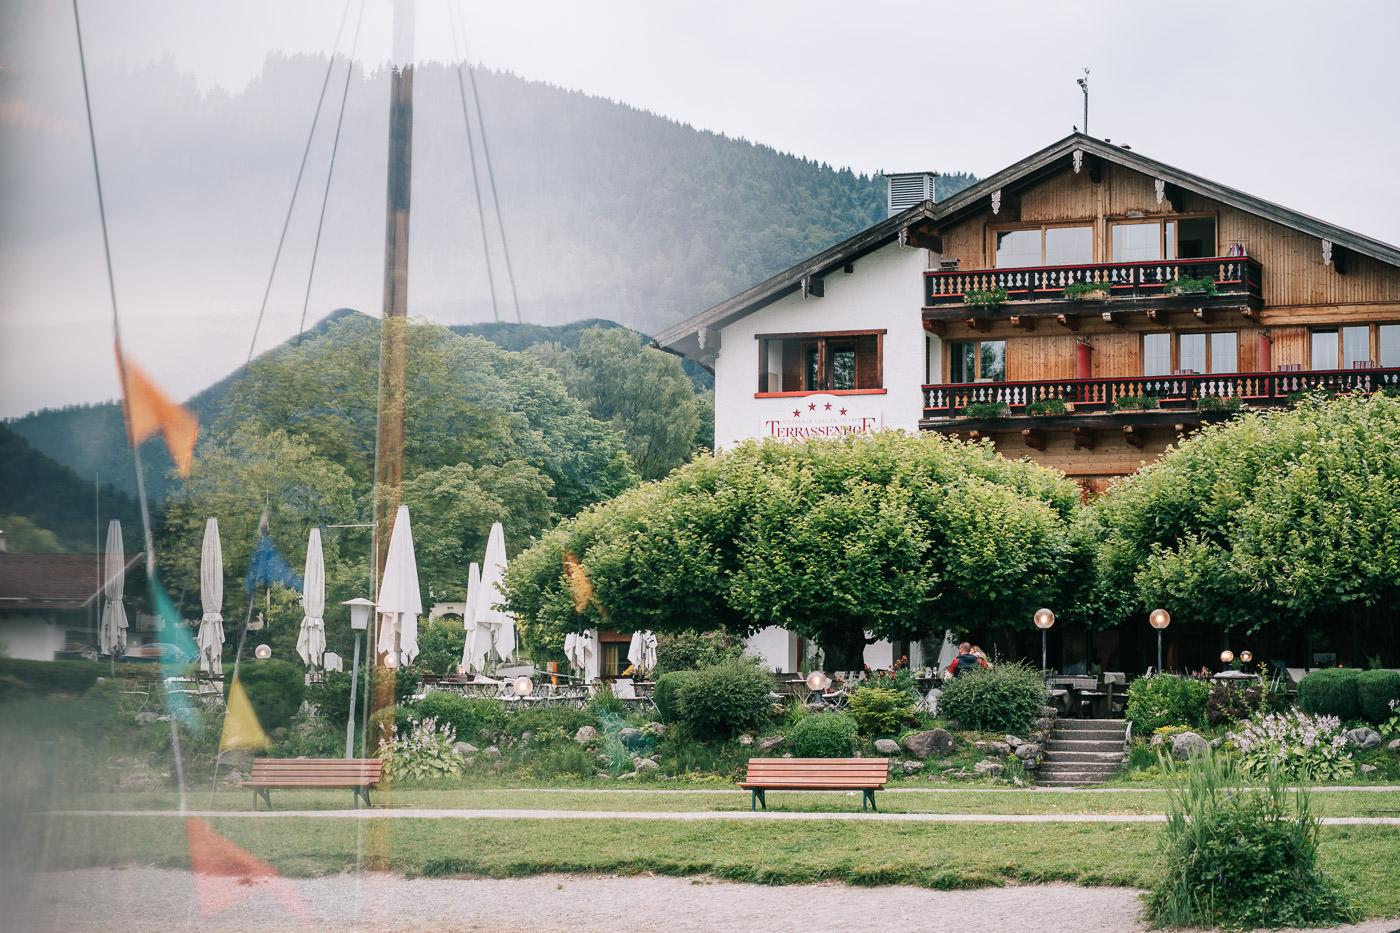 hochzeit bootshaus tegernsee terrassenhof hotel